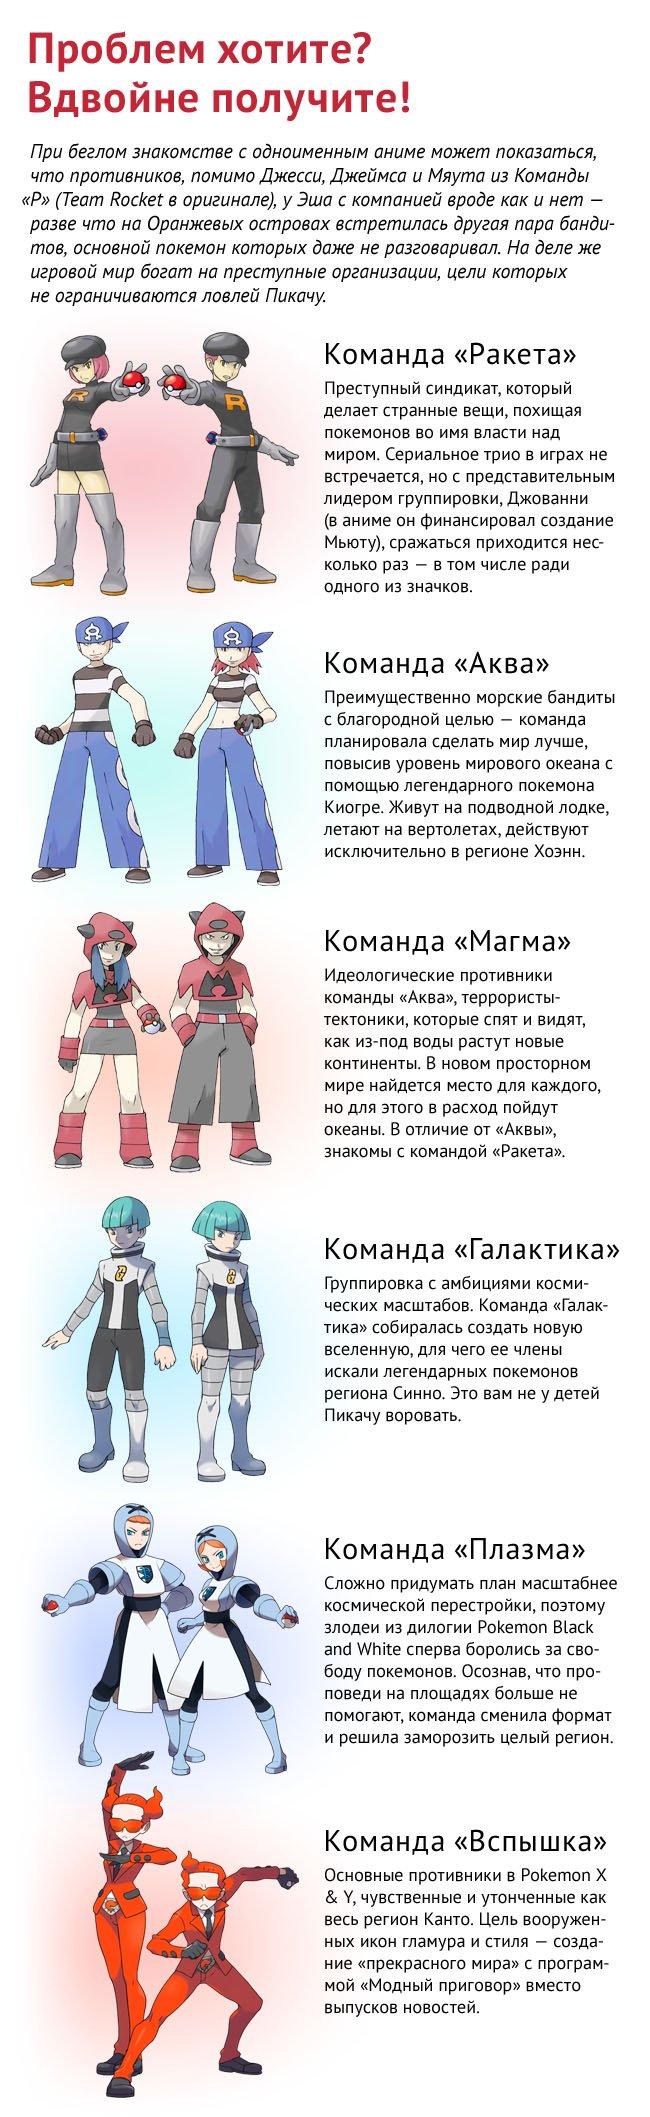 «Покемоны» как вселенная и как бизнес | Канобу - Изображение 15596